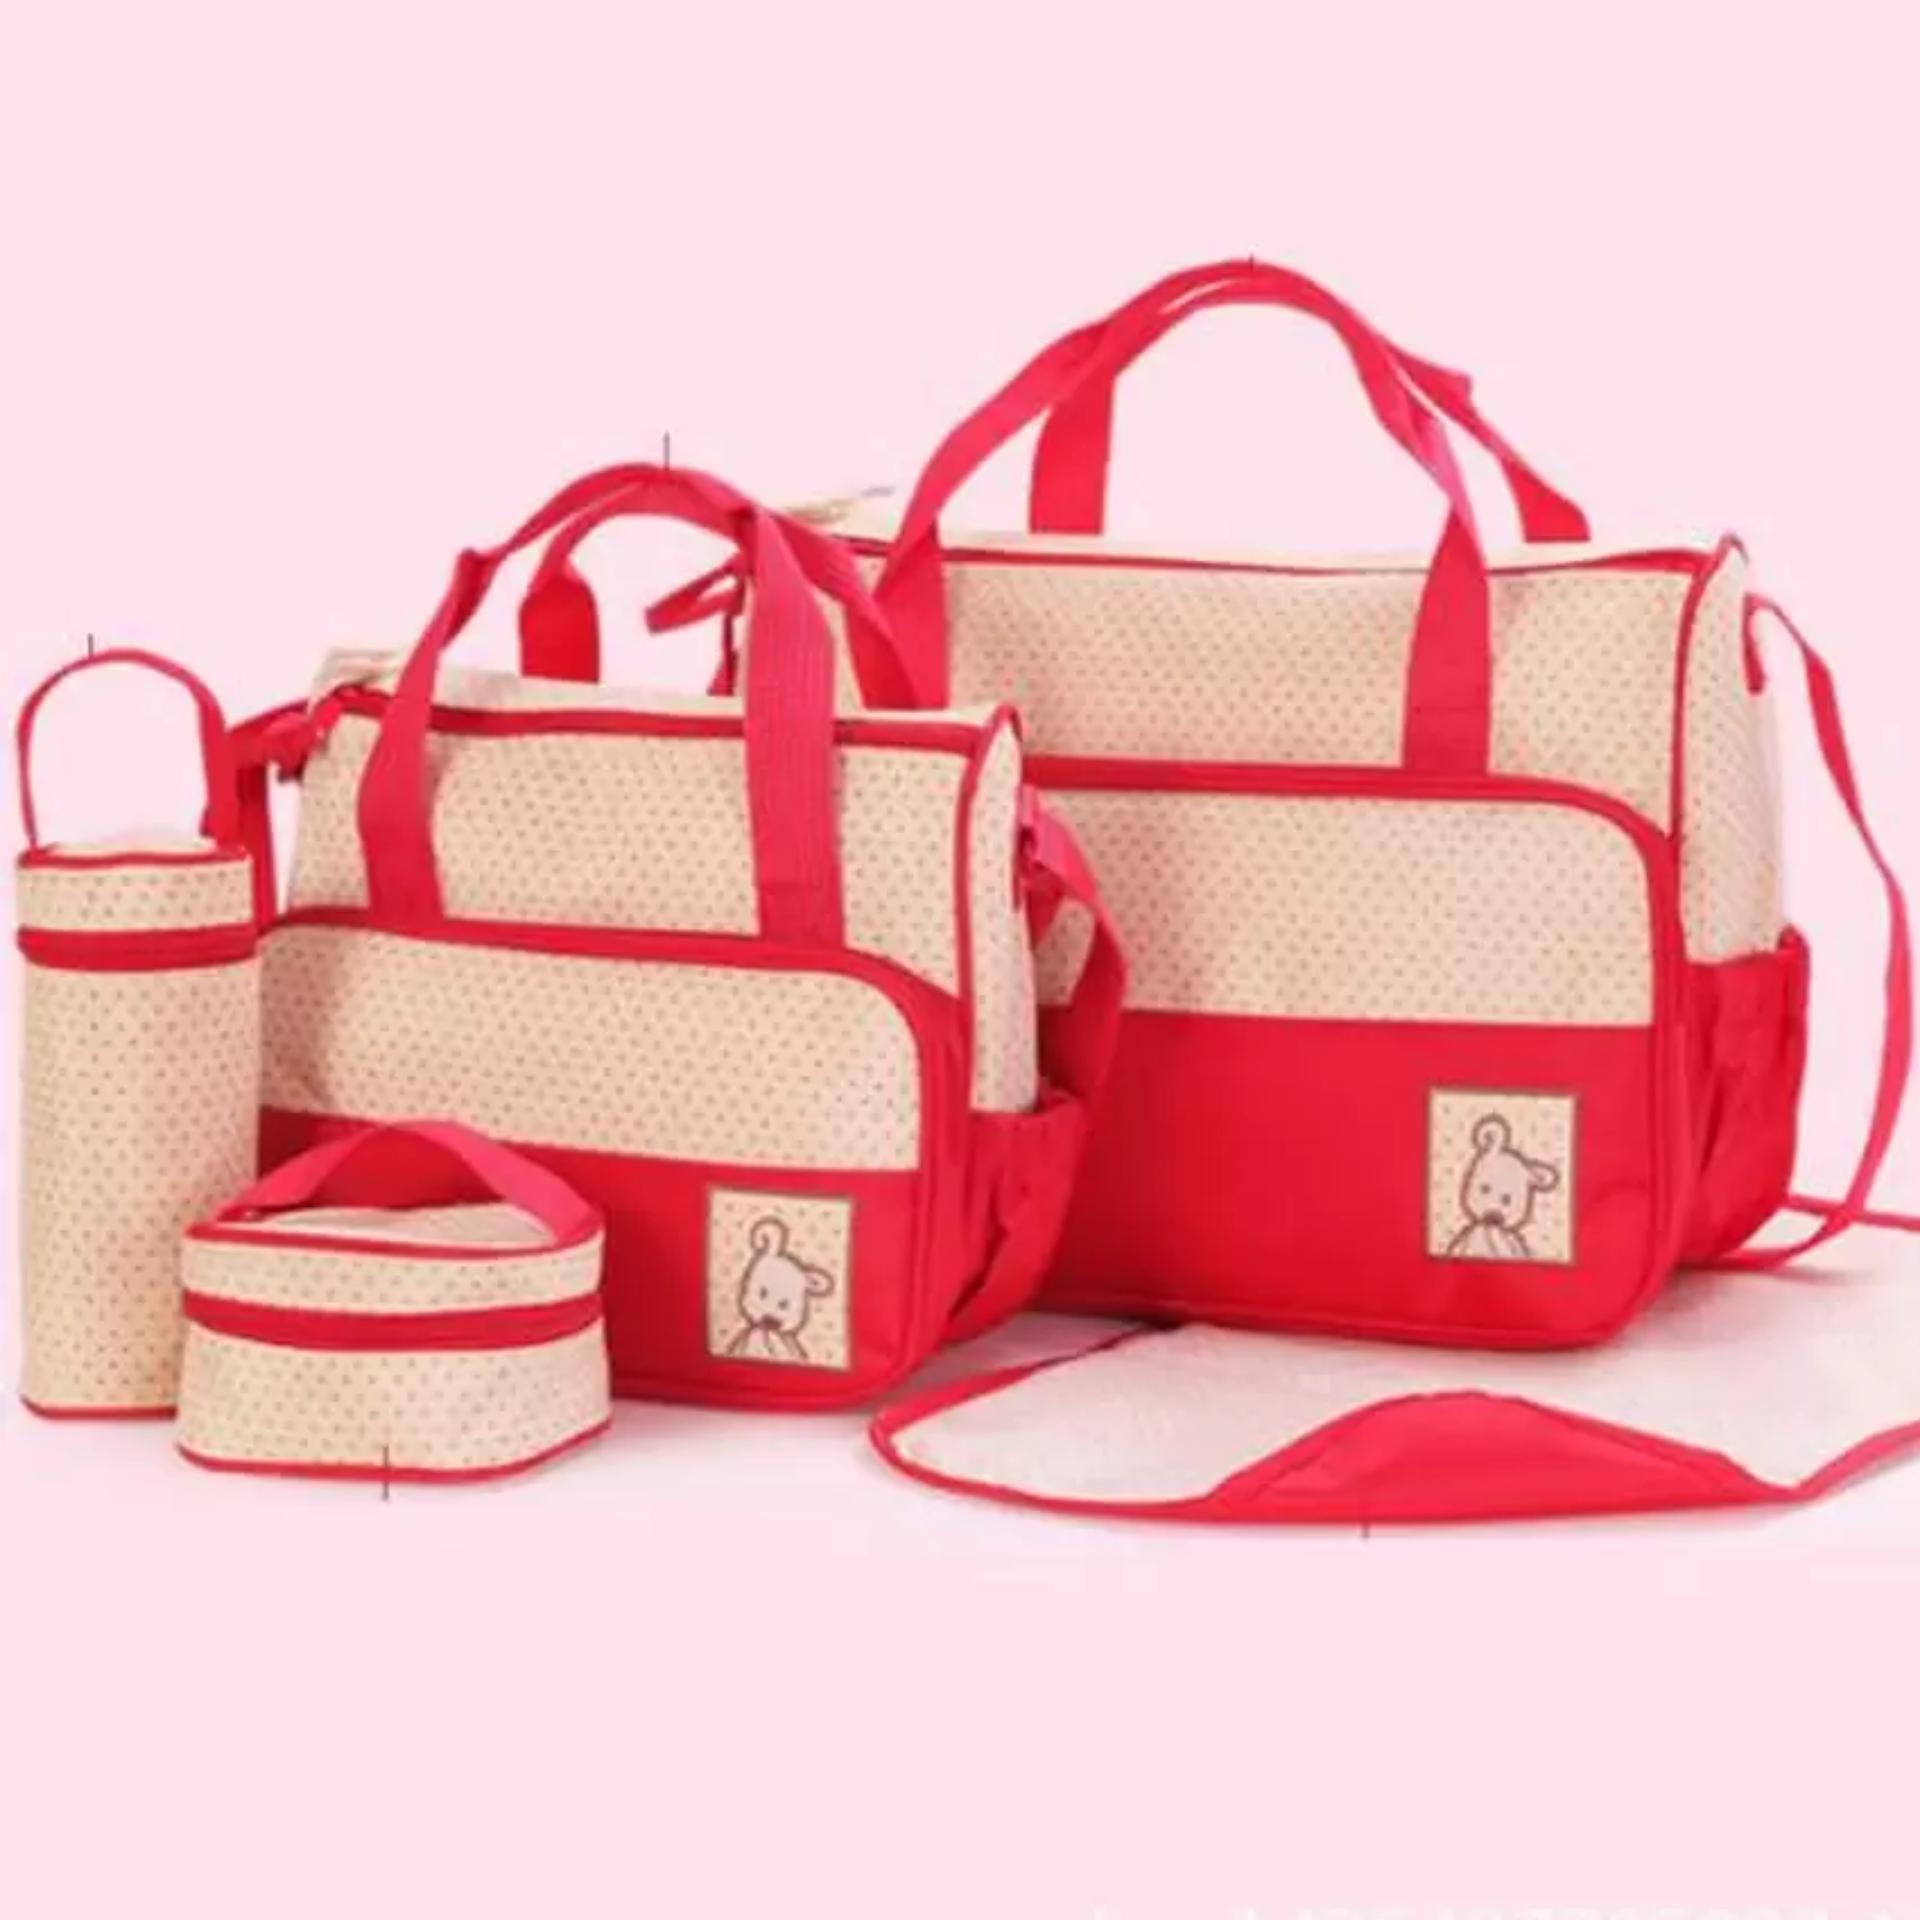 Bộ túi đựng đồ 5 chi tiết cho mẹ và bé(Đỏ-chấm bi)